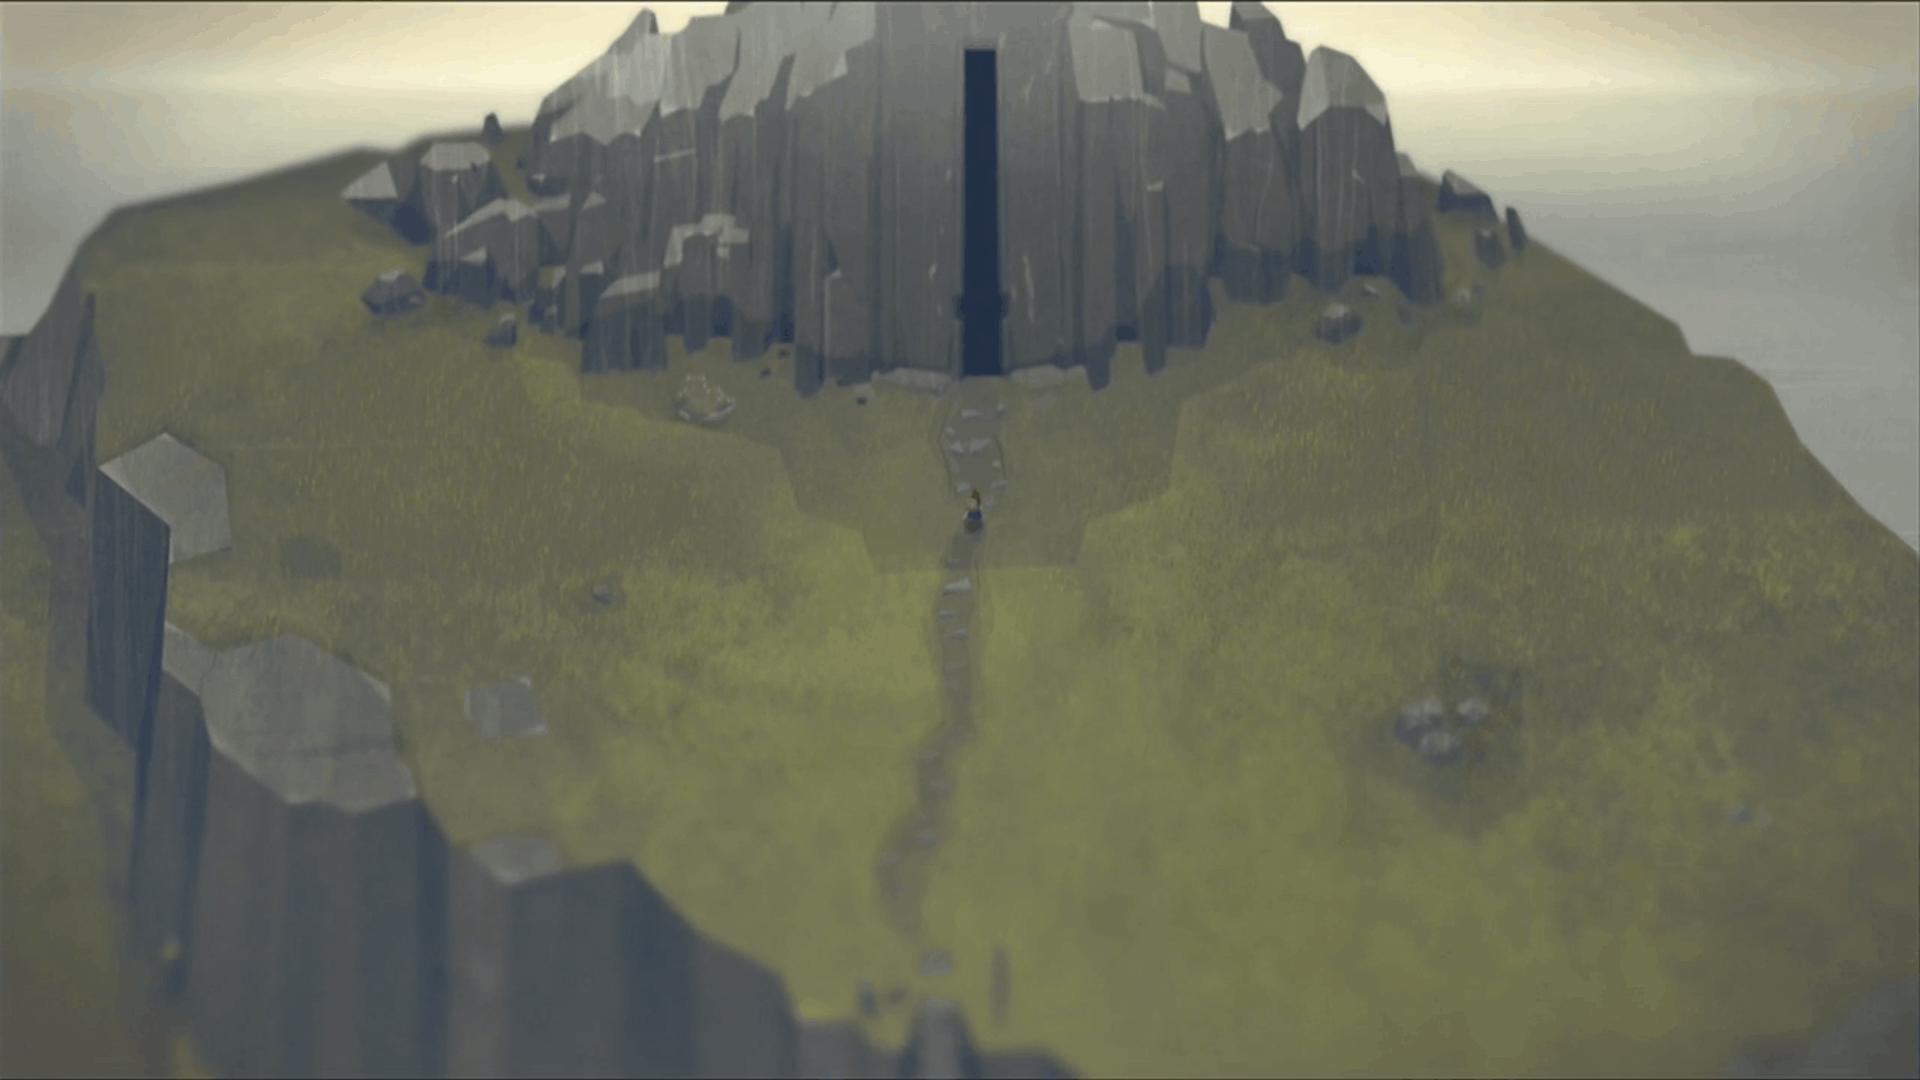 Pochi secondi di gameplay per uno degli indie più attesi